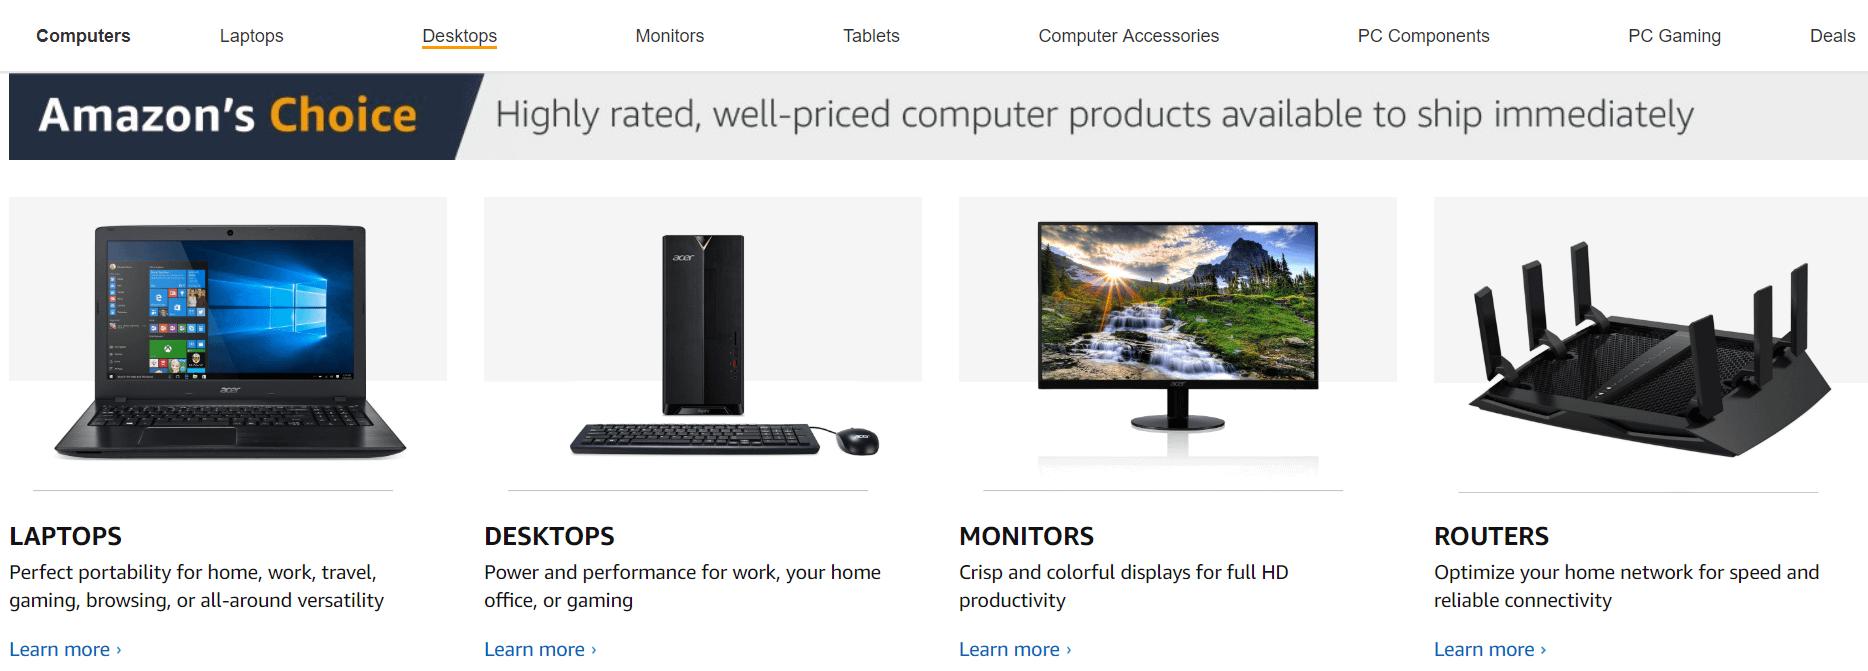 amazon-electronics-amazon-choice